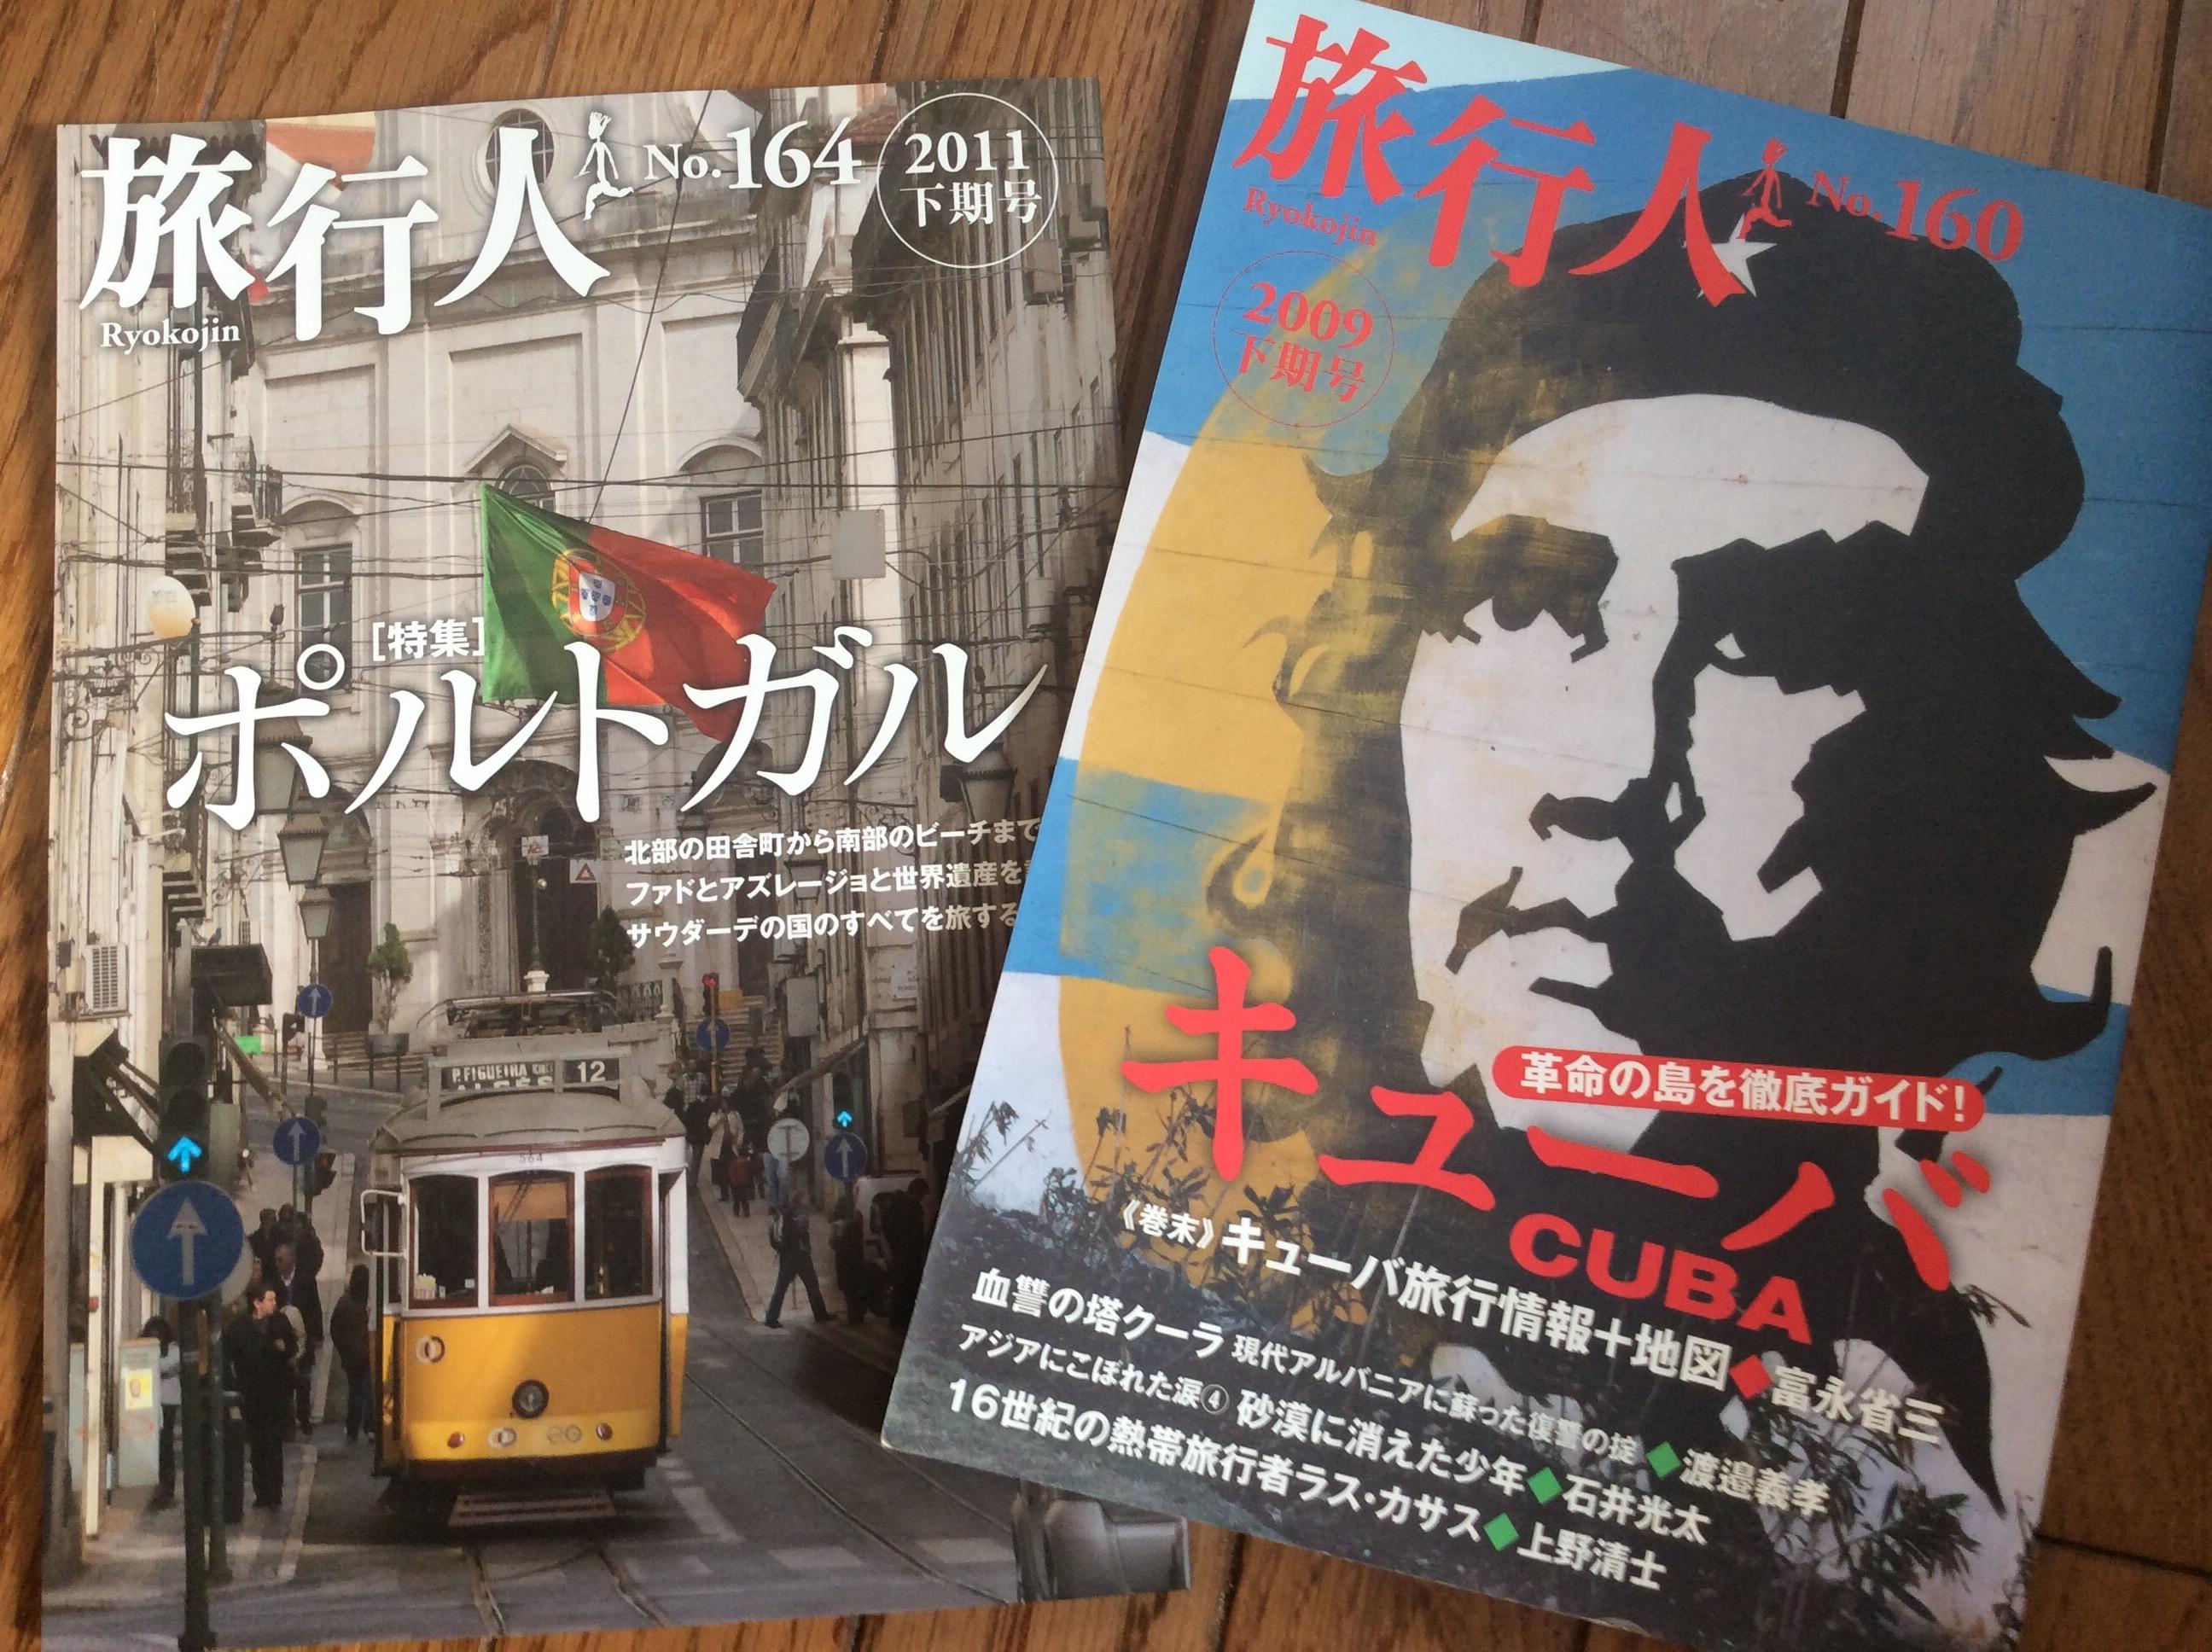 現在休刊中の雑誌『旅行人』。復刊を望むファンの数も多い